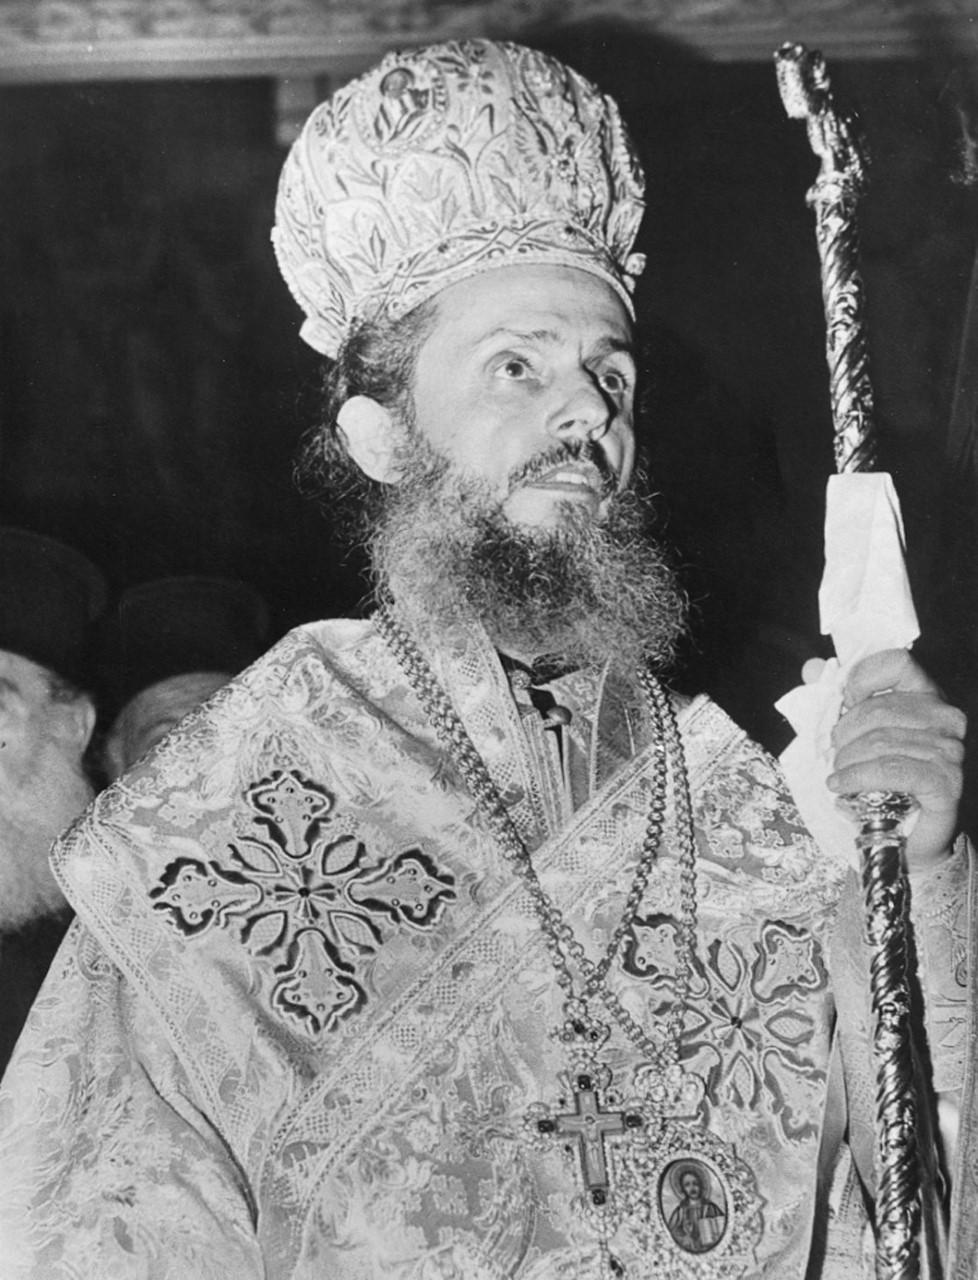 Παρακλητικός κανών στον νέο Άγιο της Εκκλησίας μας, Καλλίνικο Μητροπολίτη Εδέσσης  στα Γιαννιτσά